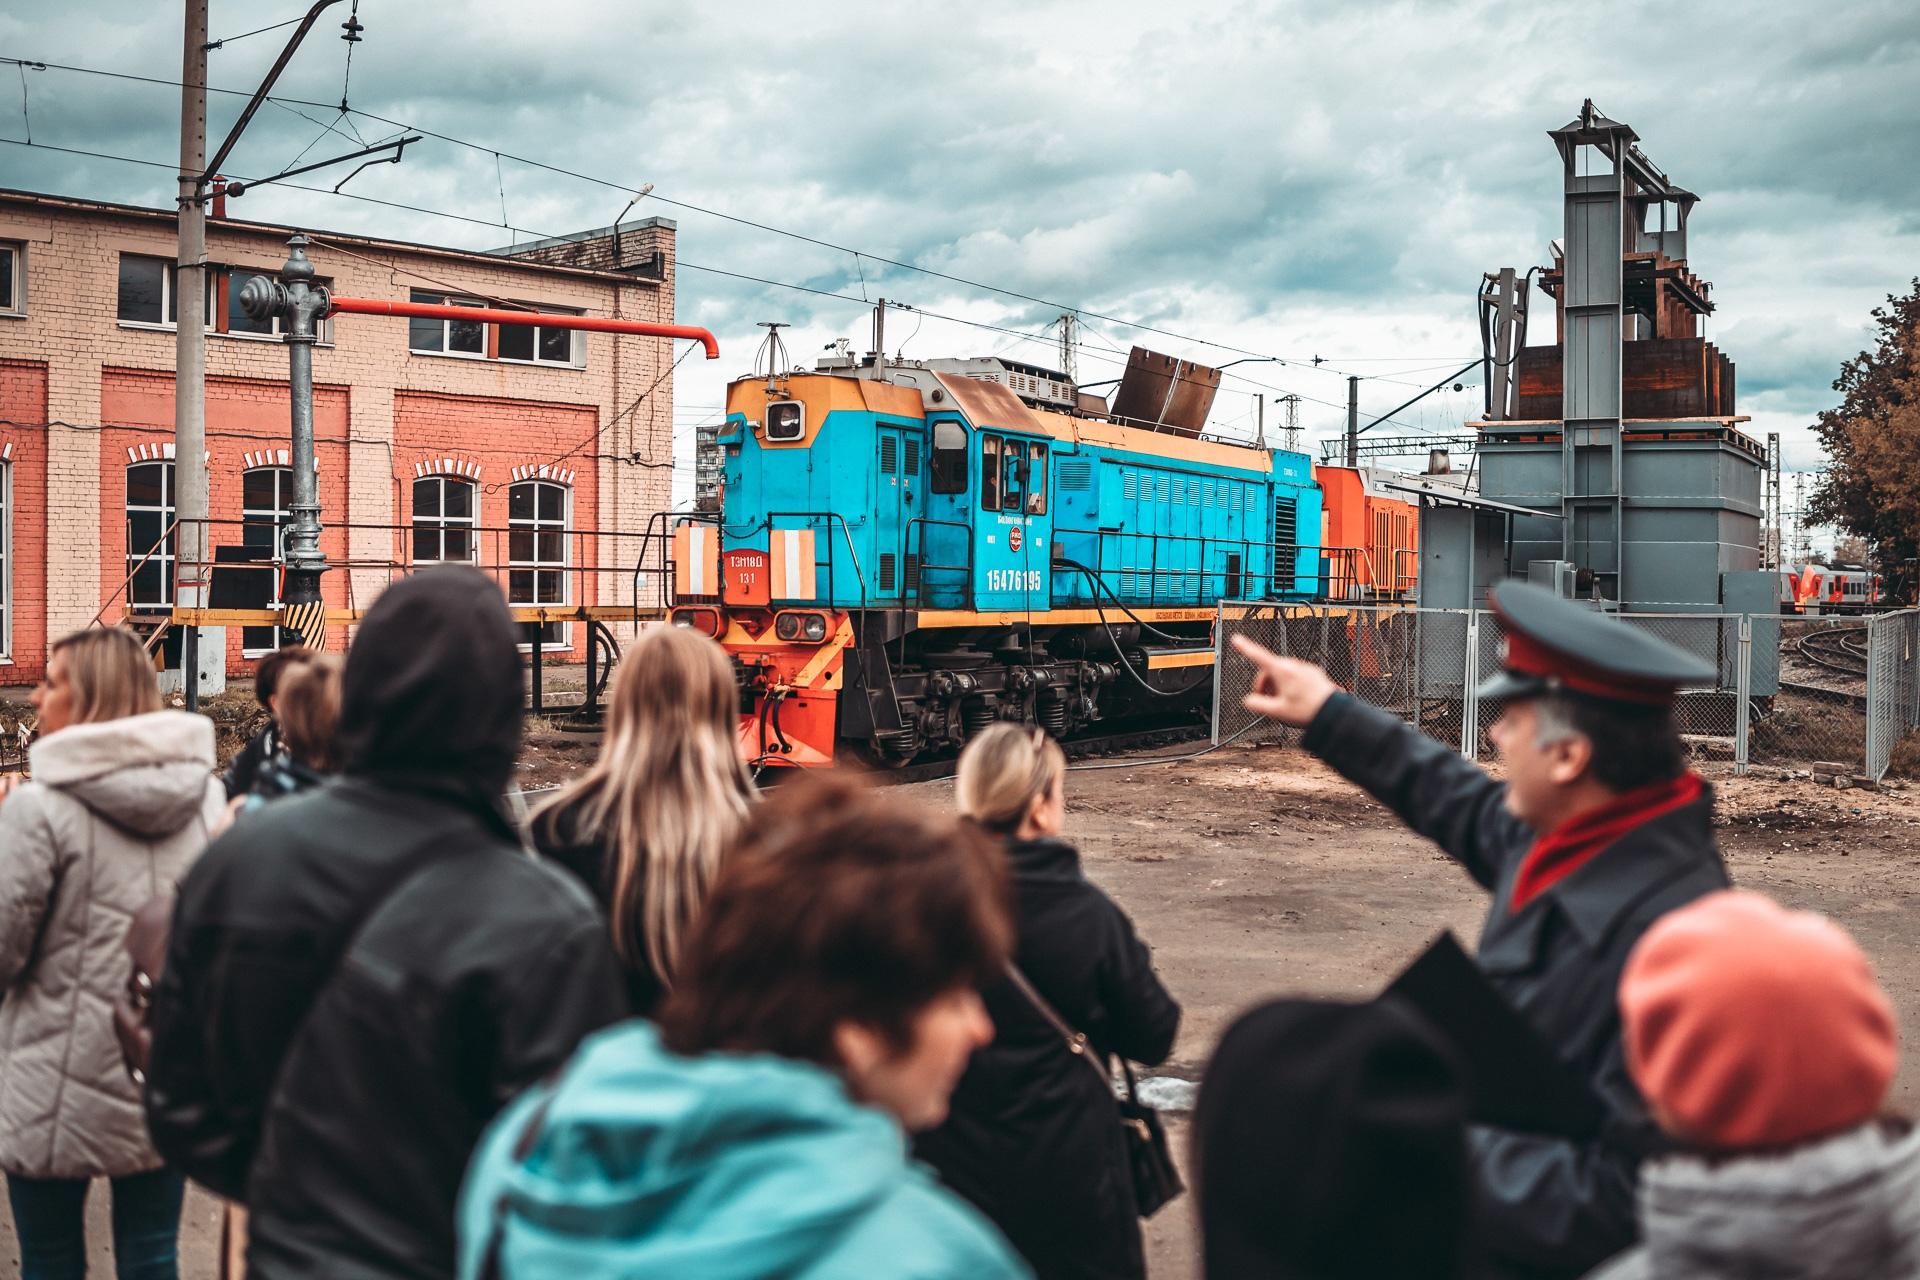 """Жителей Твери приглашают на иммерсивную экскурсию """"Императорский вокзал"""""""